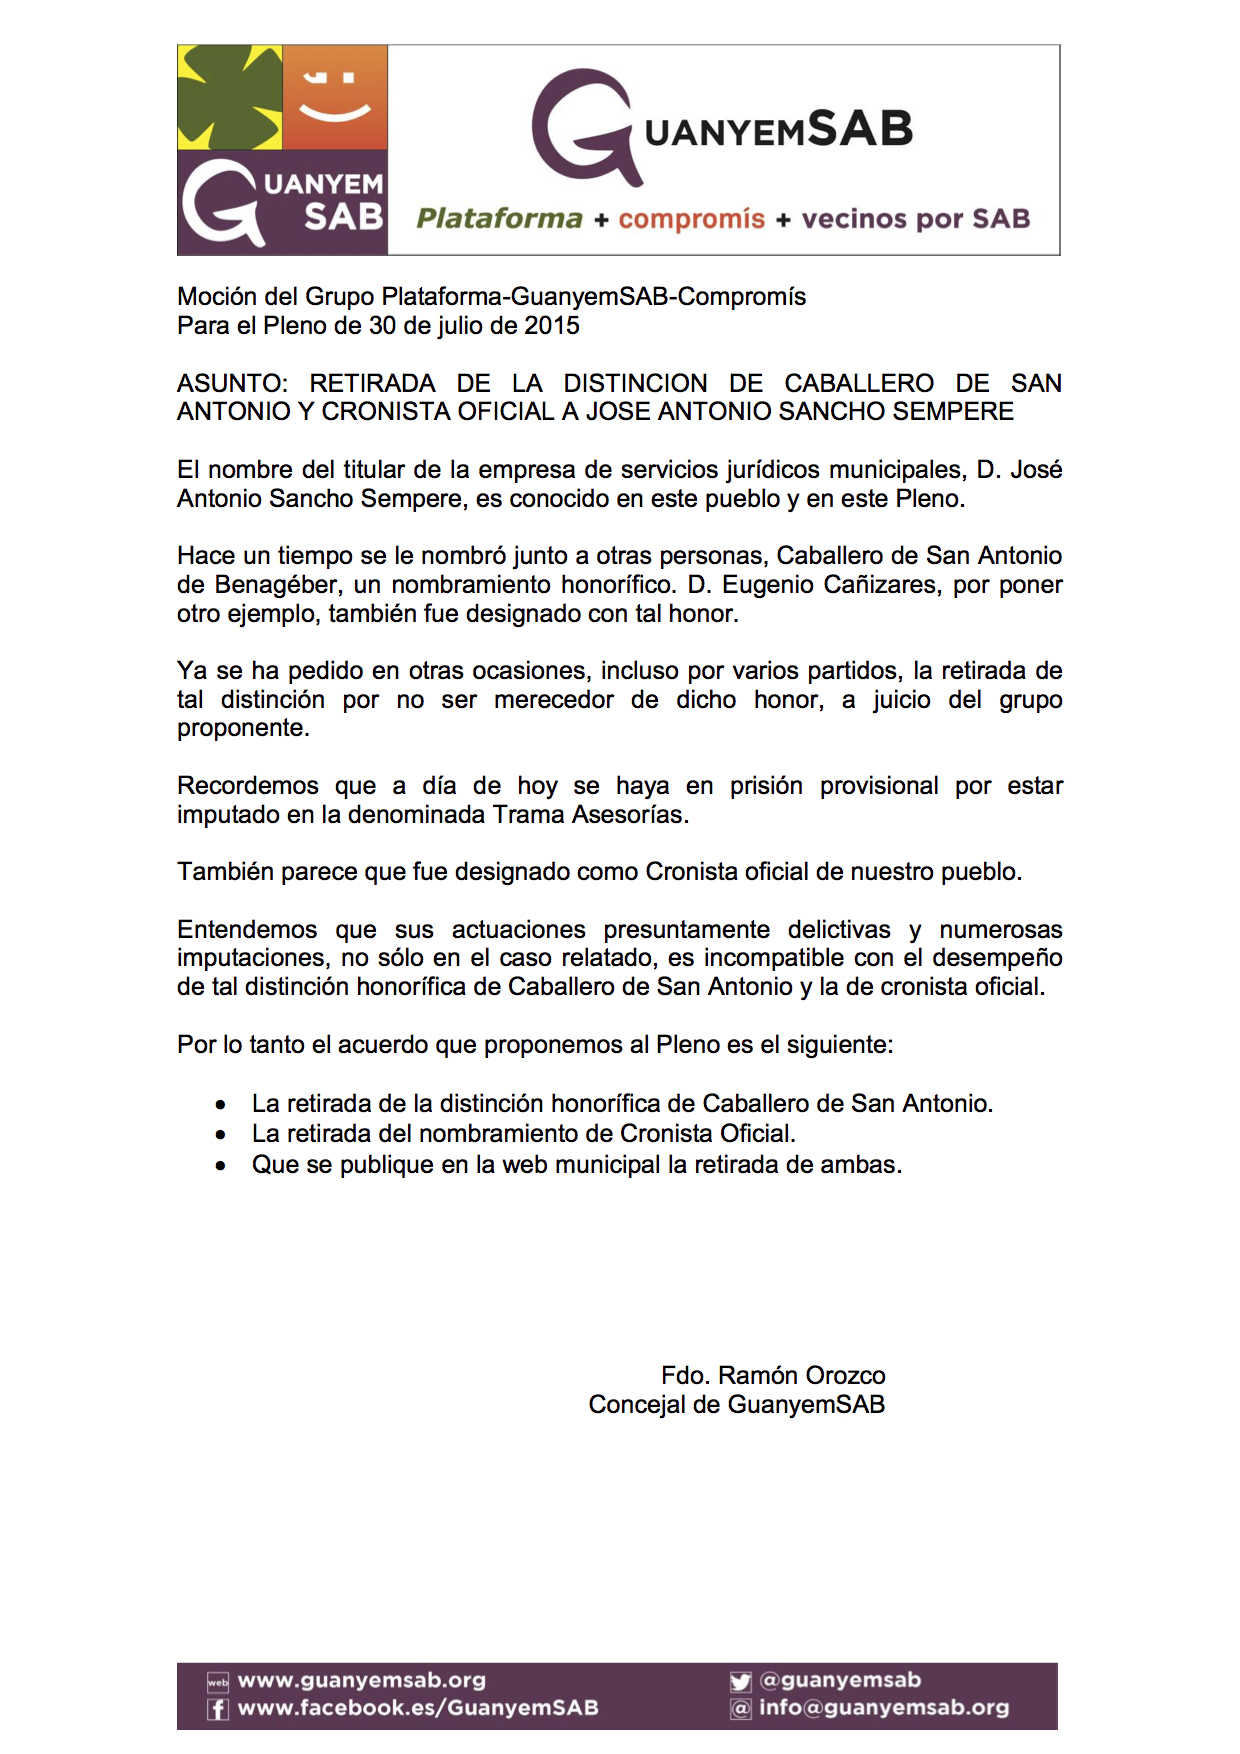 Moción sobre Retirada distinción Caballero de San Antonio a Sancho